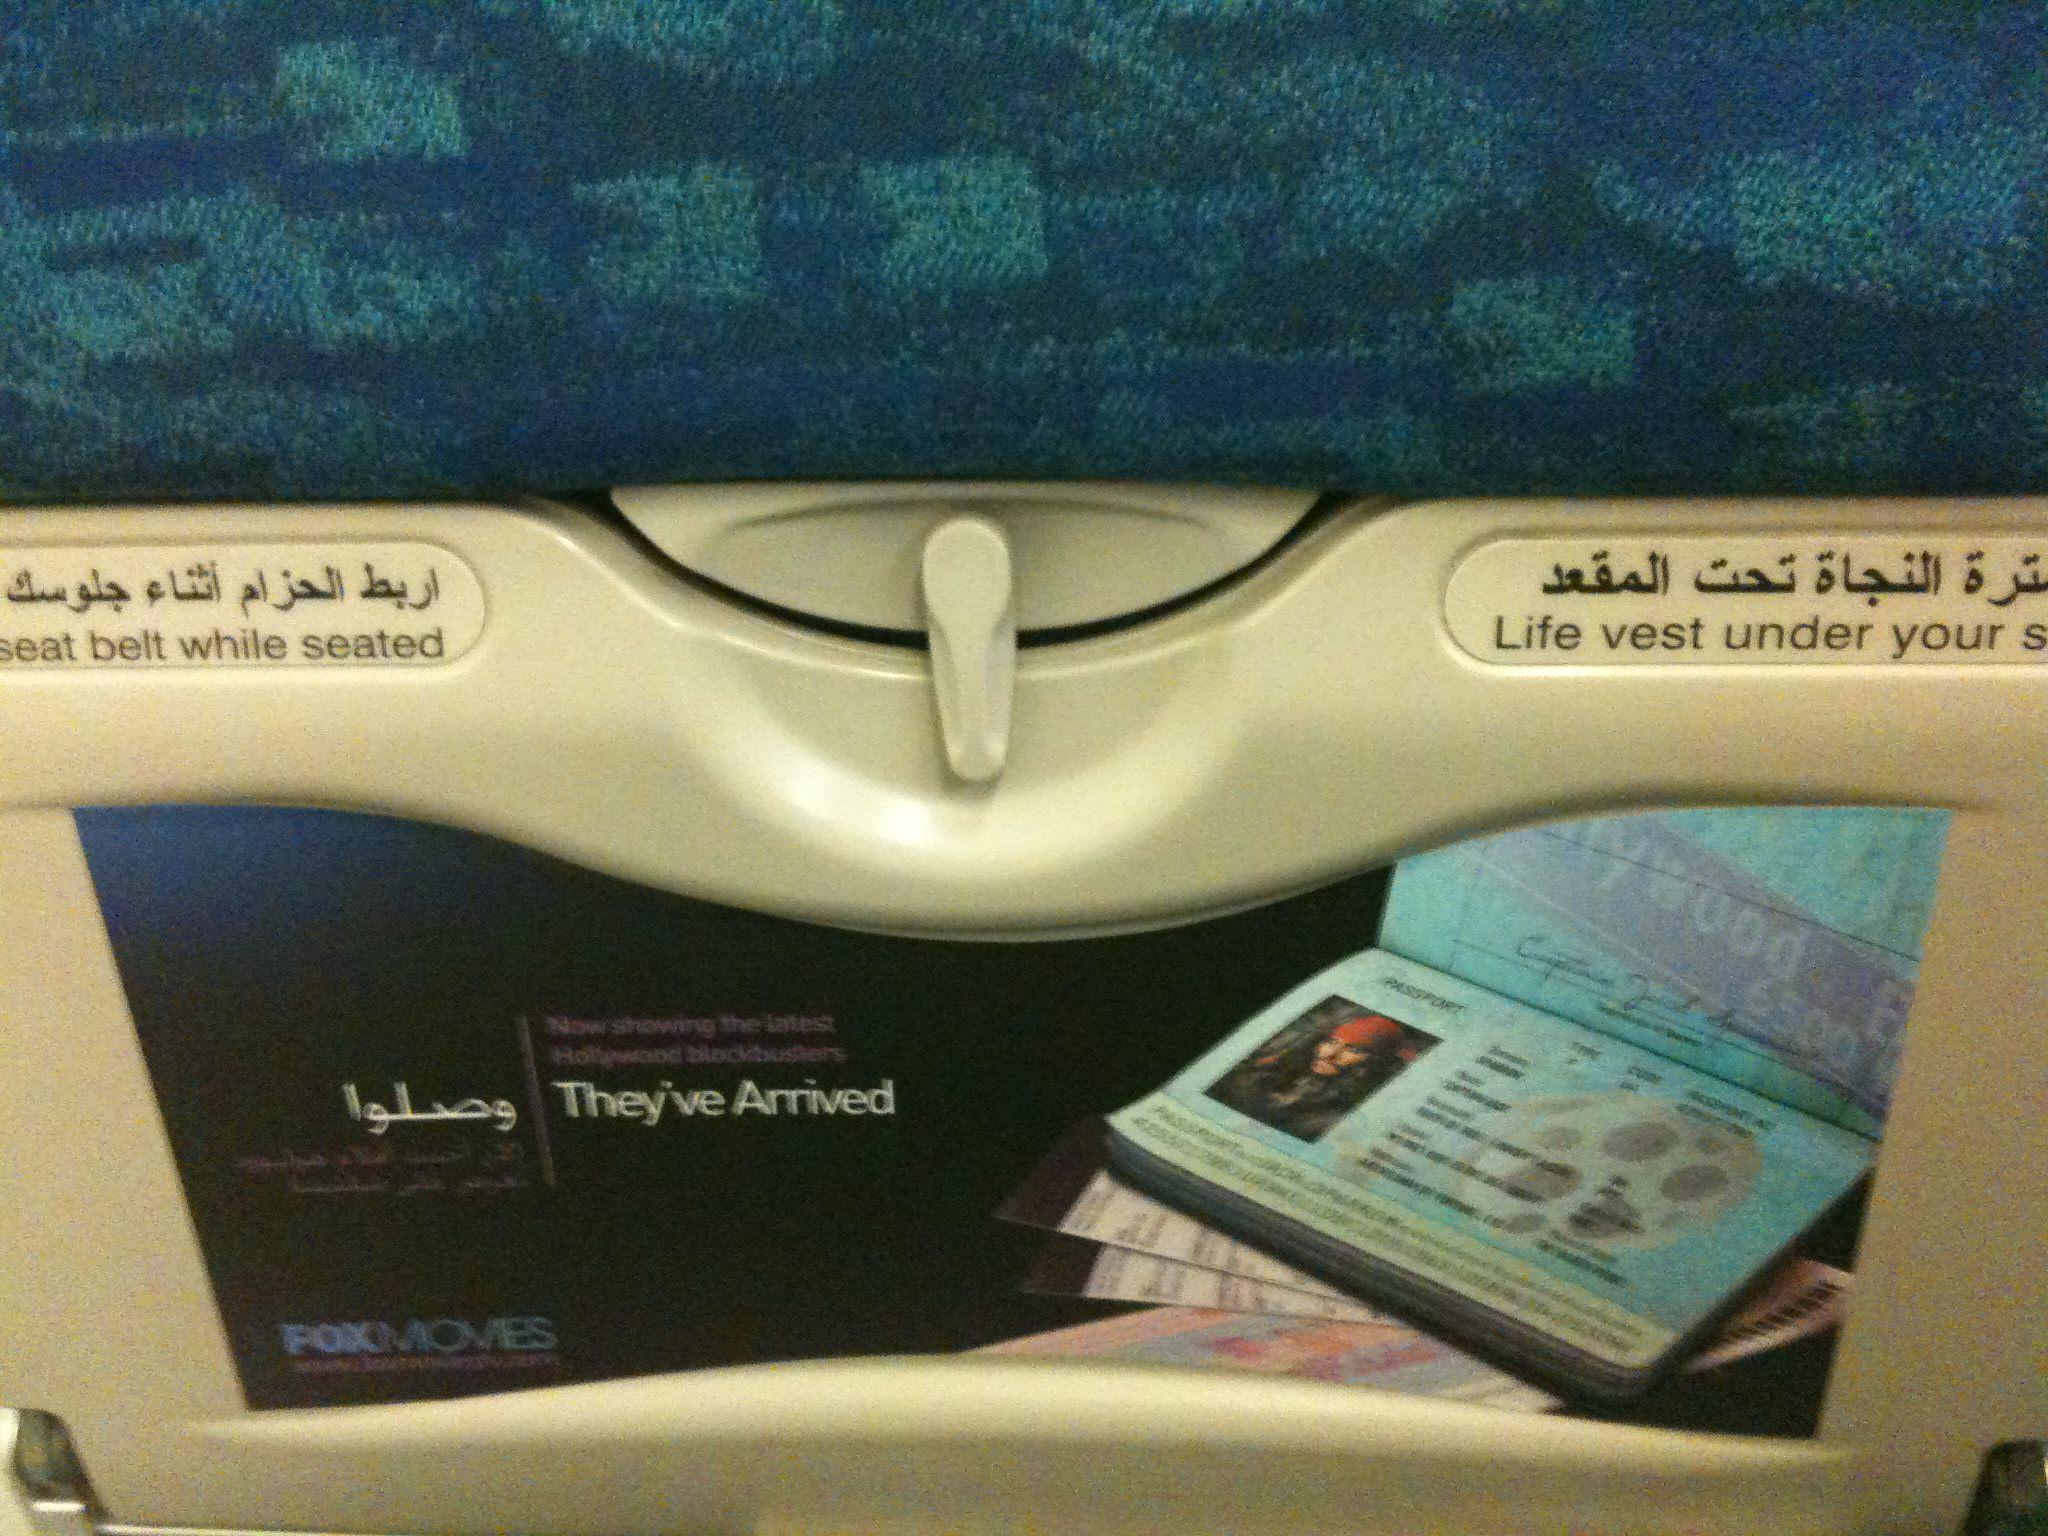 Air Arabia: FOX Movies